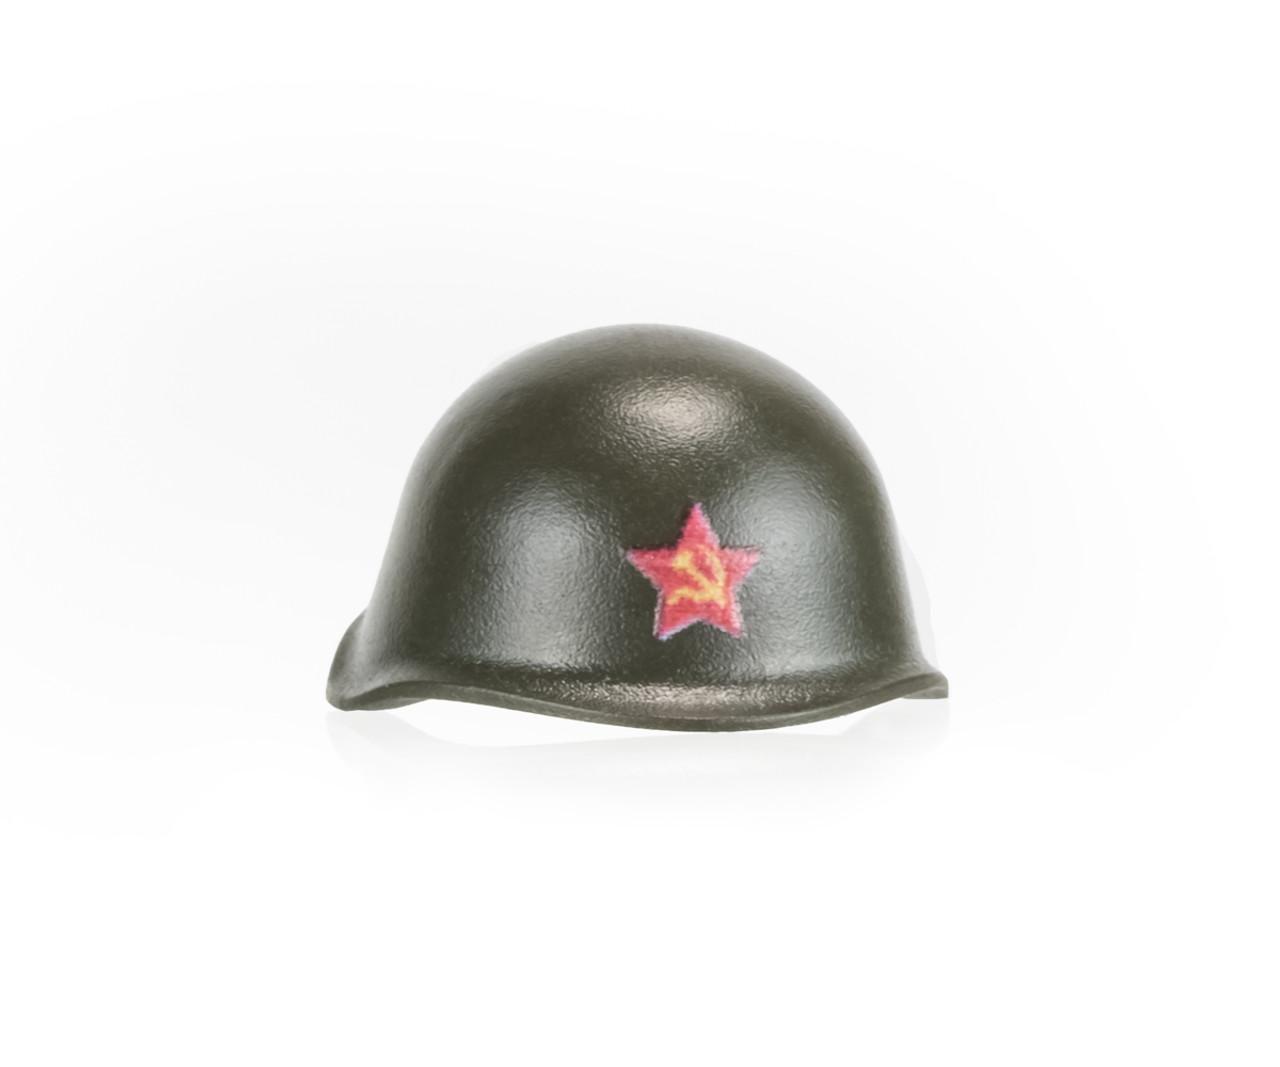 BrickArms SSh-40 Helmet  With Printed Soviet Star